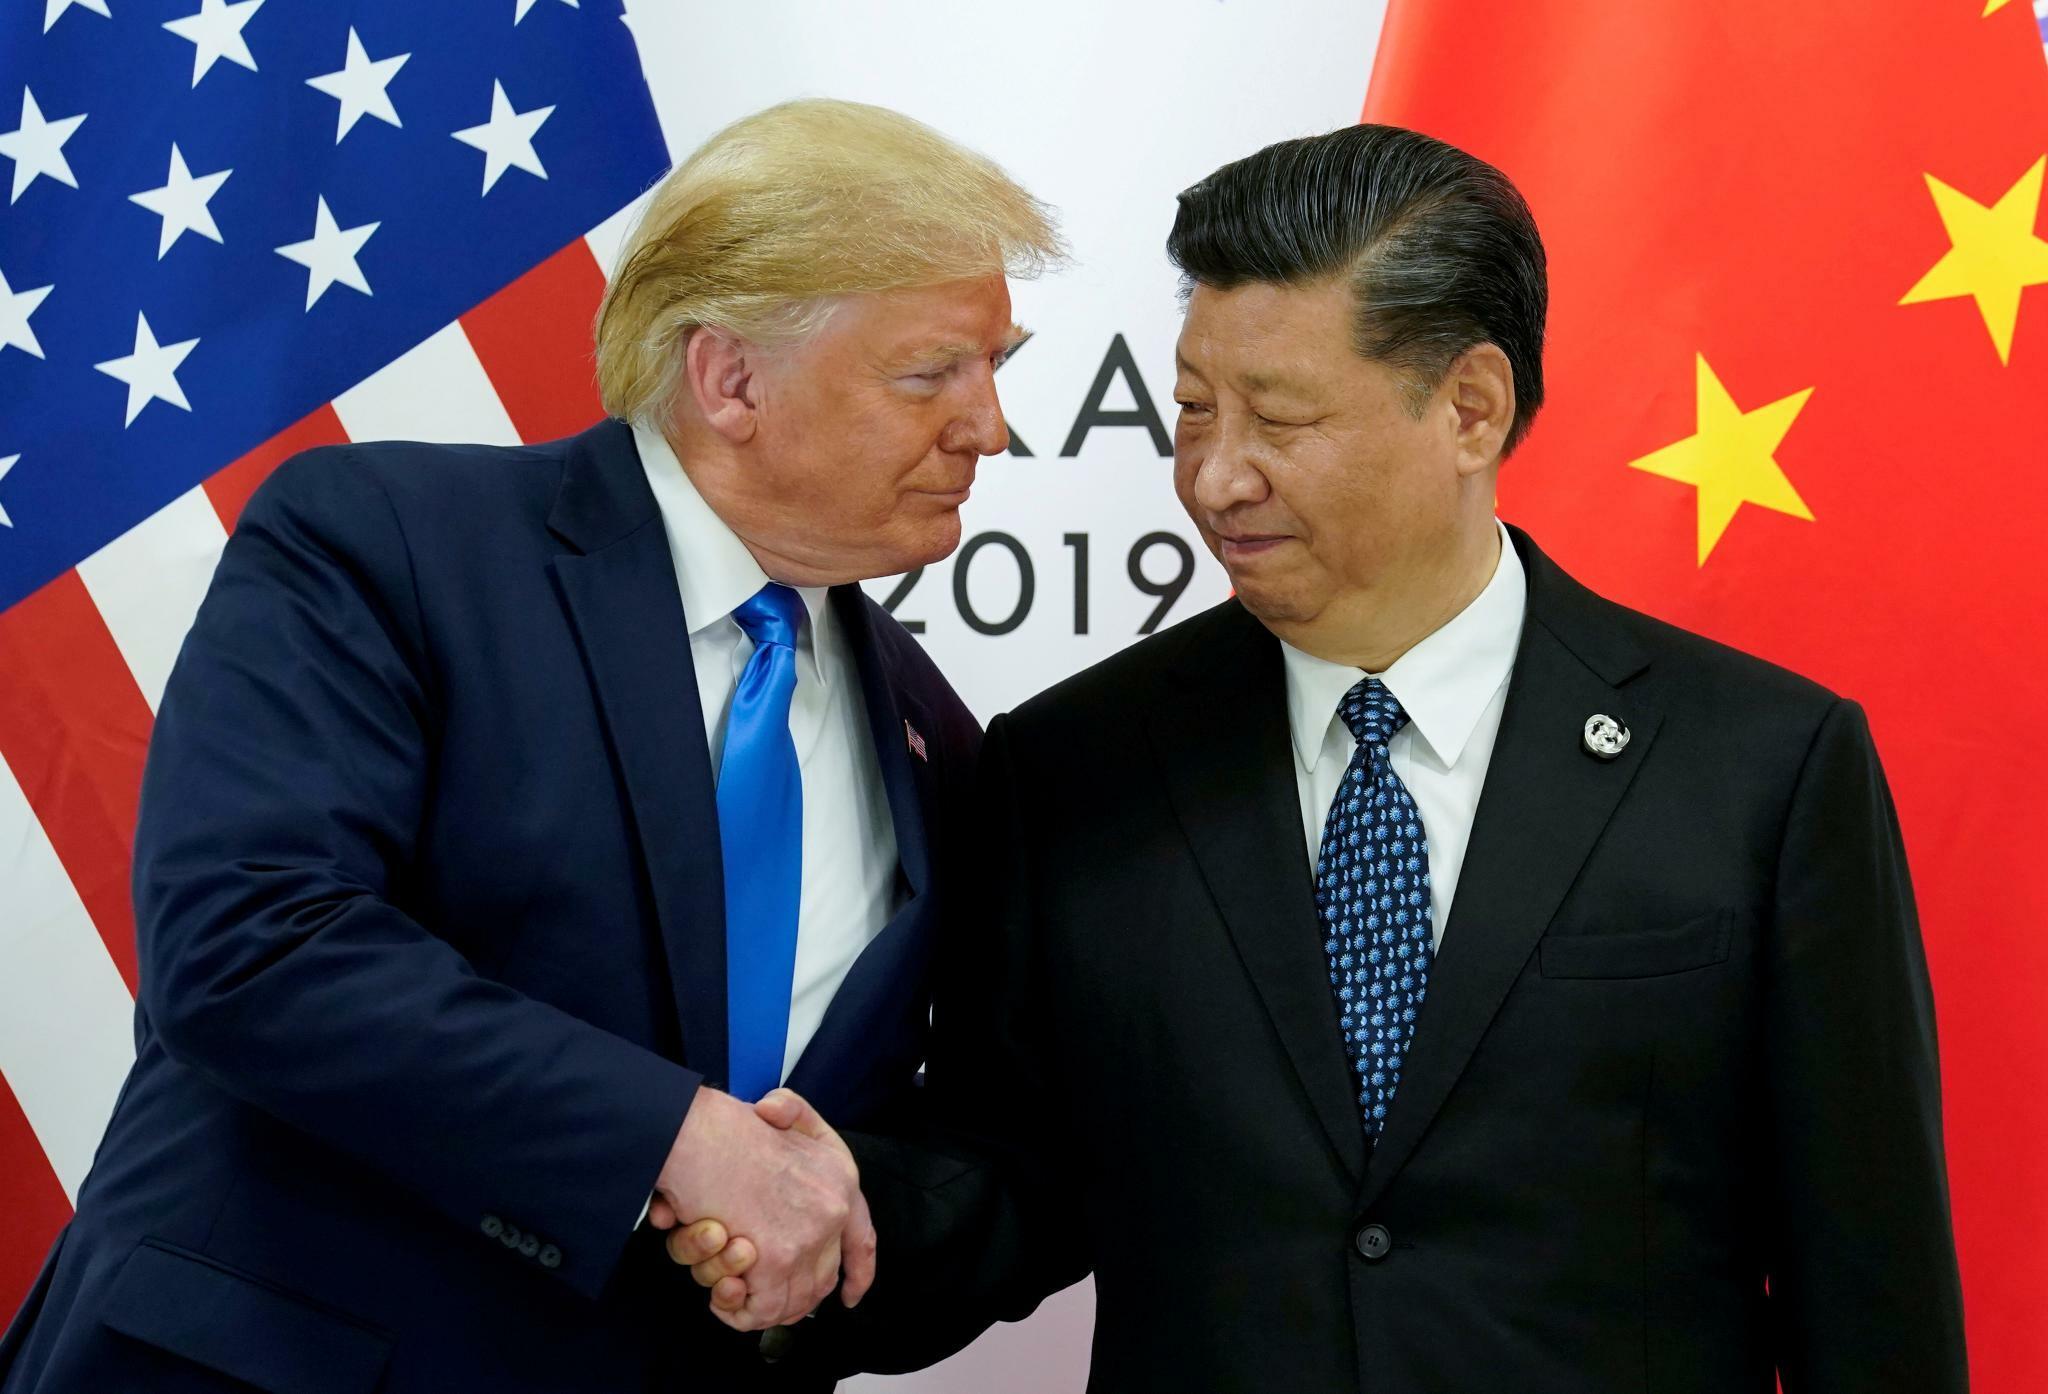 USA und China: Handelsabkommen könnte erst 2020 abgeschlossen werden